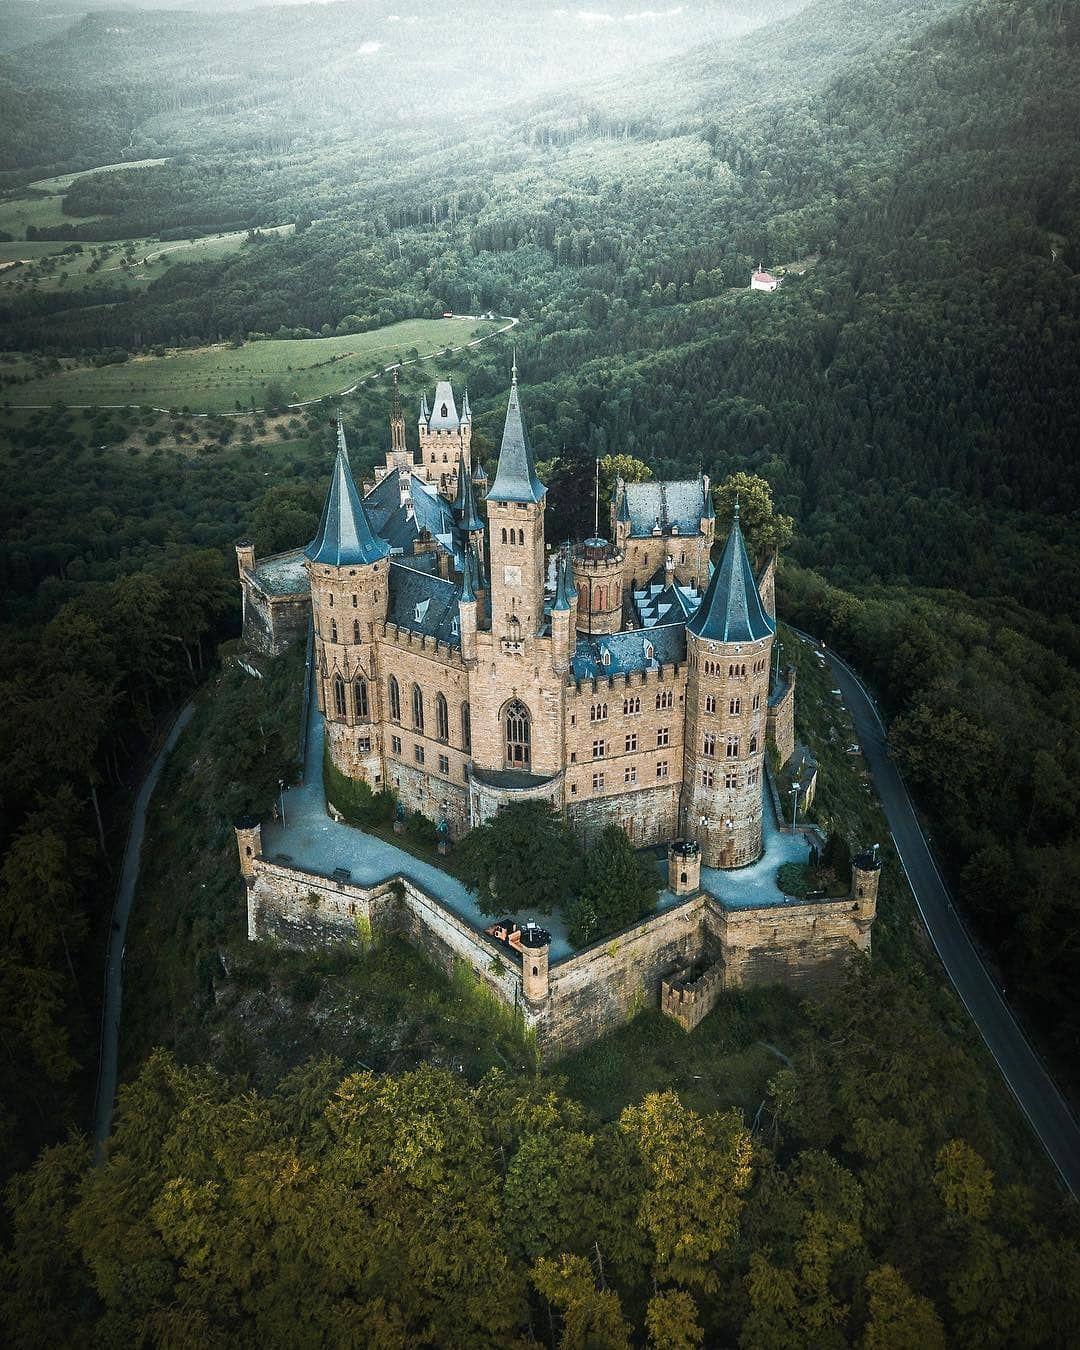 Berg Hohenzollern Germany Mit Bildern Schone Gebaude Mittelalterliche Burg Burgen Und Schlosser